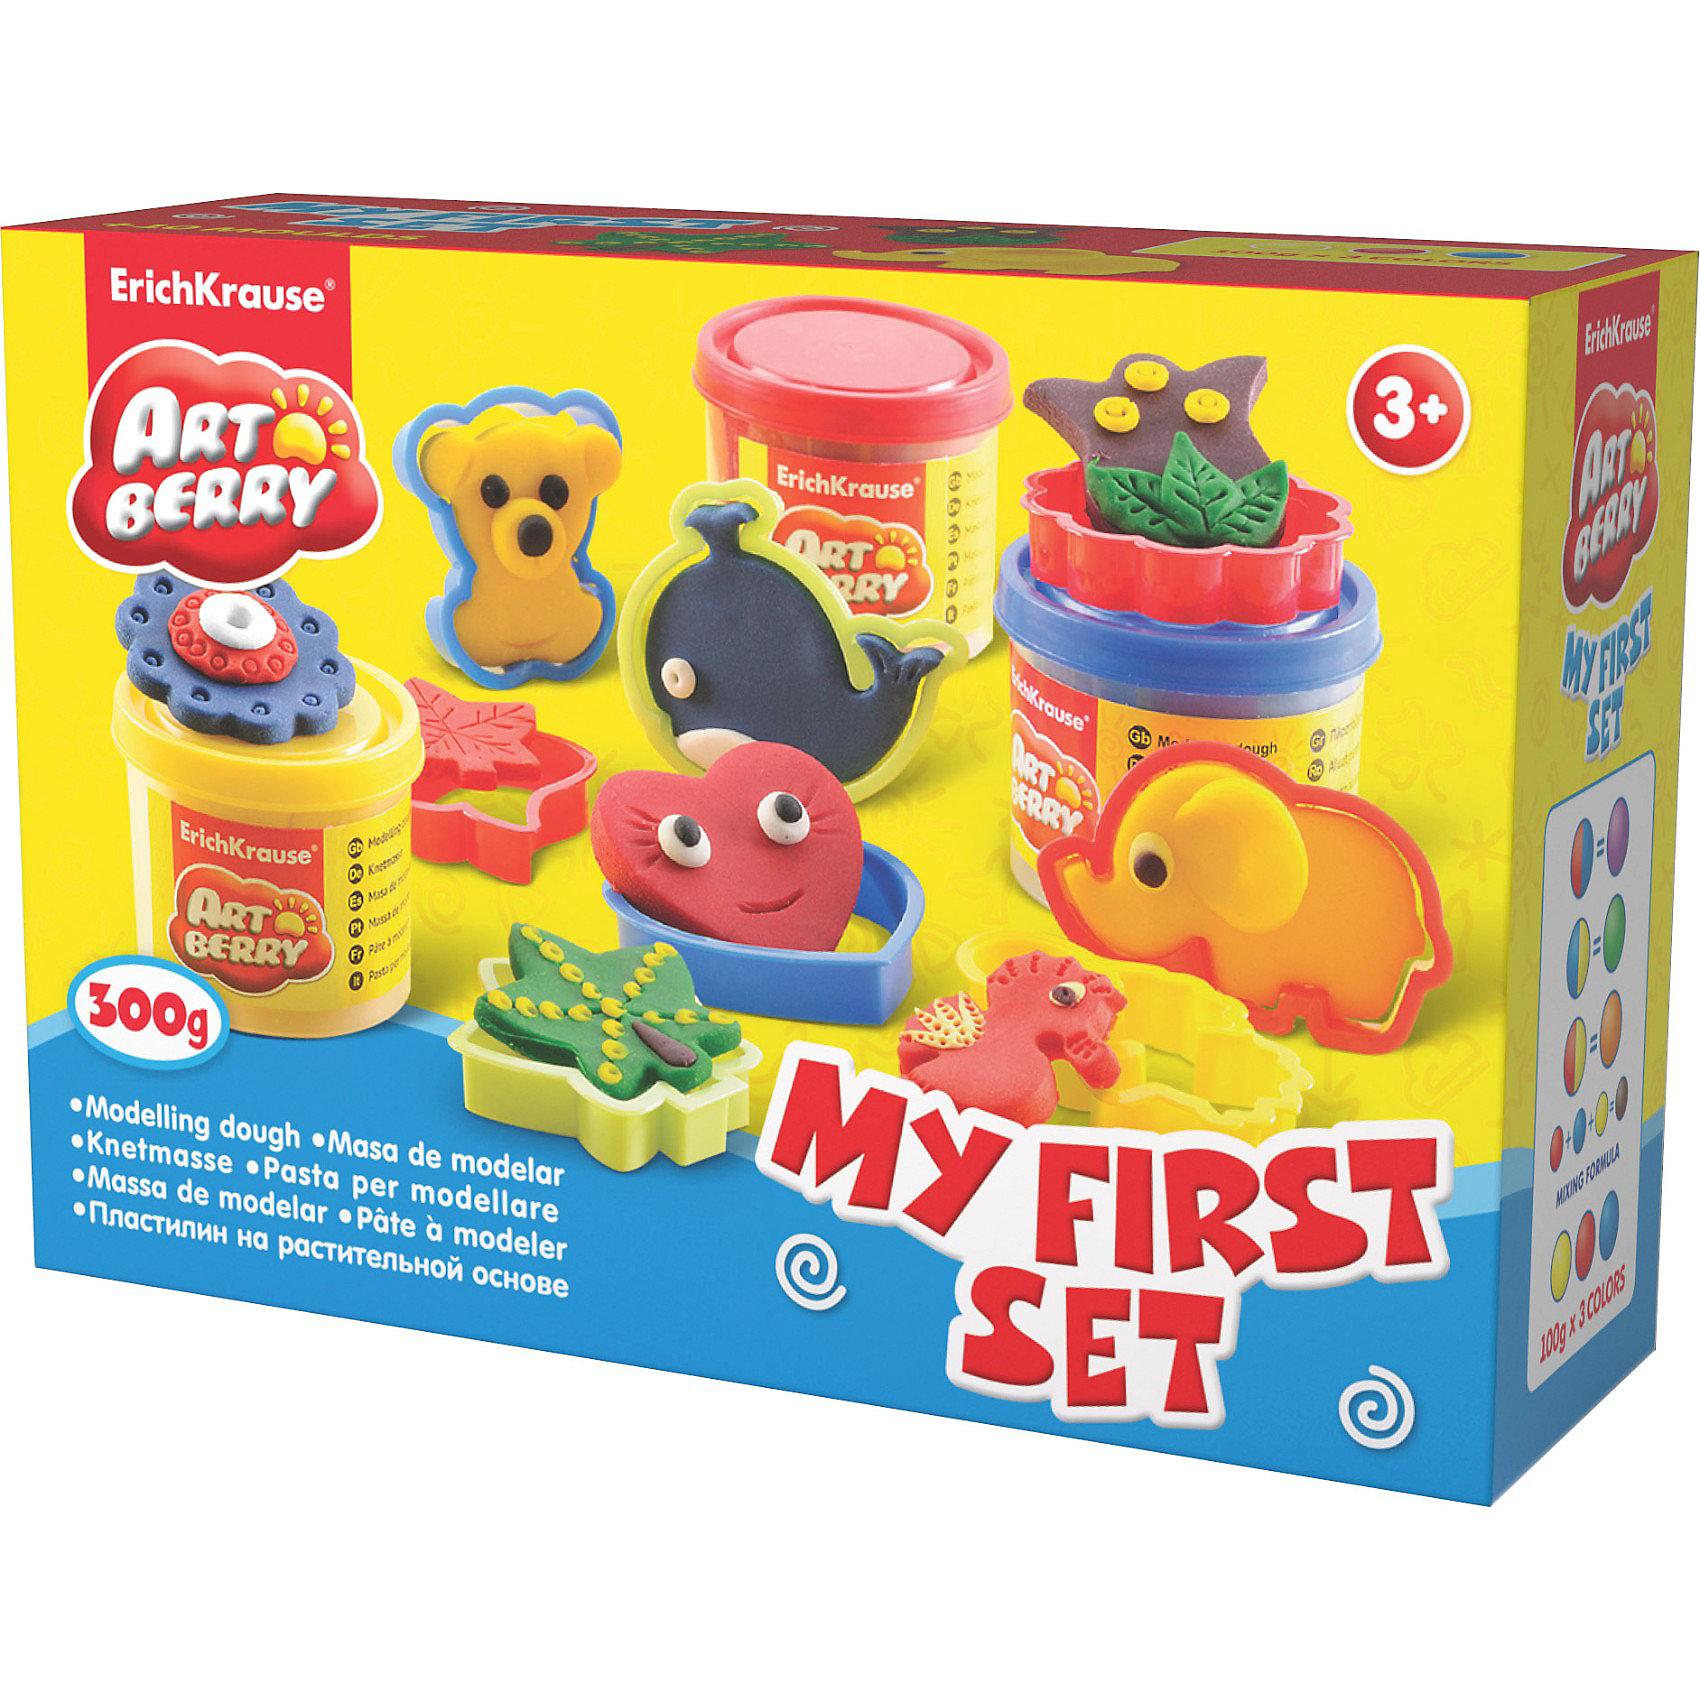 Игровой набор Мой первый набор, Artberry, 3 цвЛепка<br>Пластилин на растительной основе My First Set, 3 цв от Erich Krause (Эрих Краузе) абсолютно безопасен для Вашего малыша!<br><br>Дополнительная информация:<br><br>Состав: 3 цвета плпстилина по 100 г + 8 формочек для лепки, скалка, стек. <br>Упаковка: картонная коробка в термоплёнке<br><br>Ширина мм: 225<br>Глубина мм: 80<br>Высота мм: 155<br>Вес г: 517<br>Возраст от месяцев: 36<br>Возраст до месяцев: 144<br>Пол: Унисекс<br>Возраст: Детский<br>SKU: 3293863